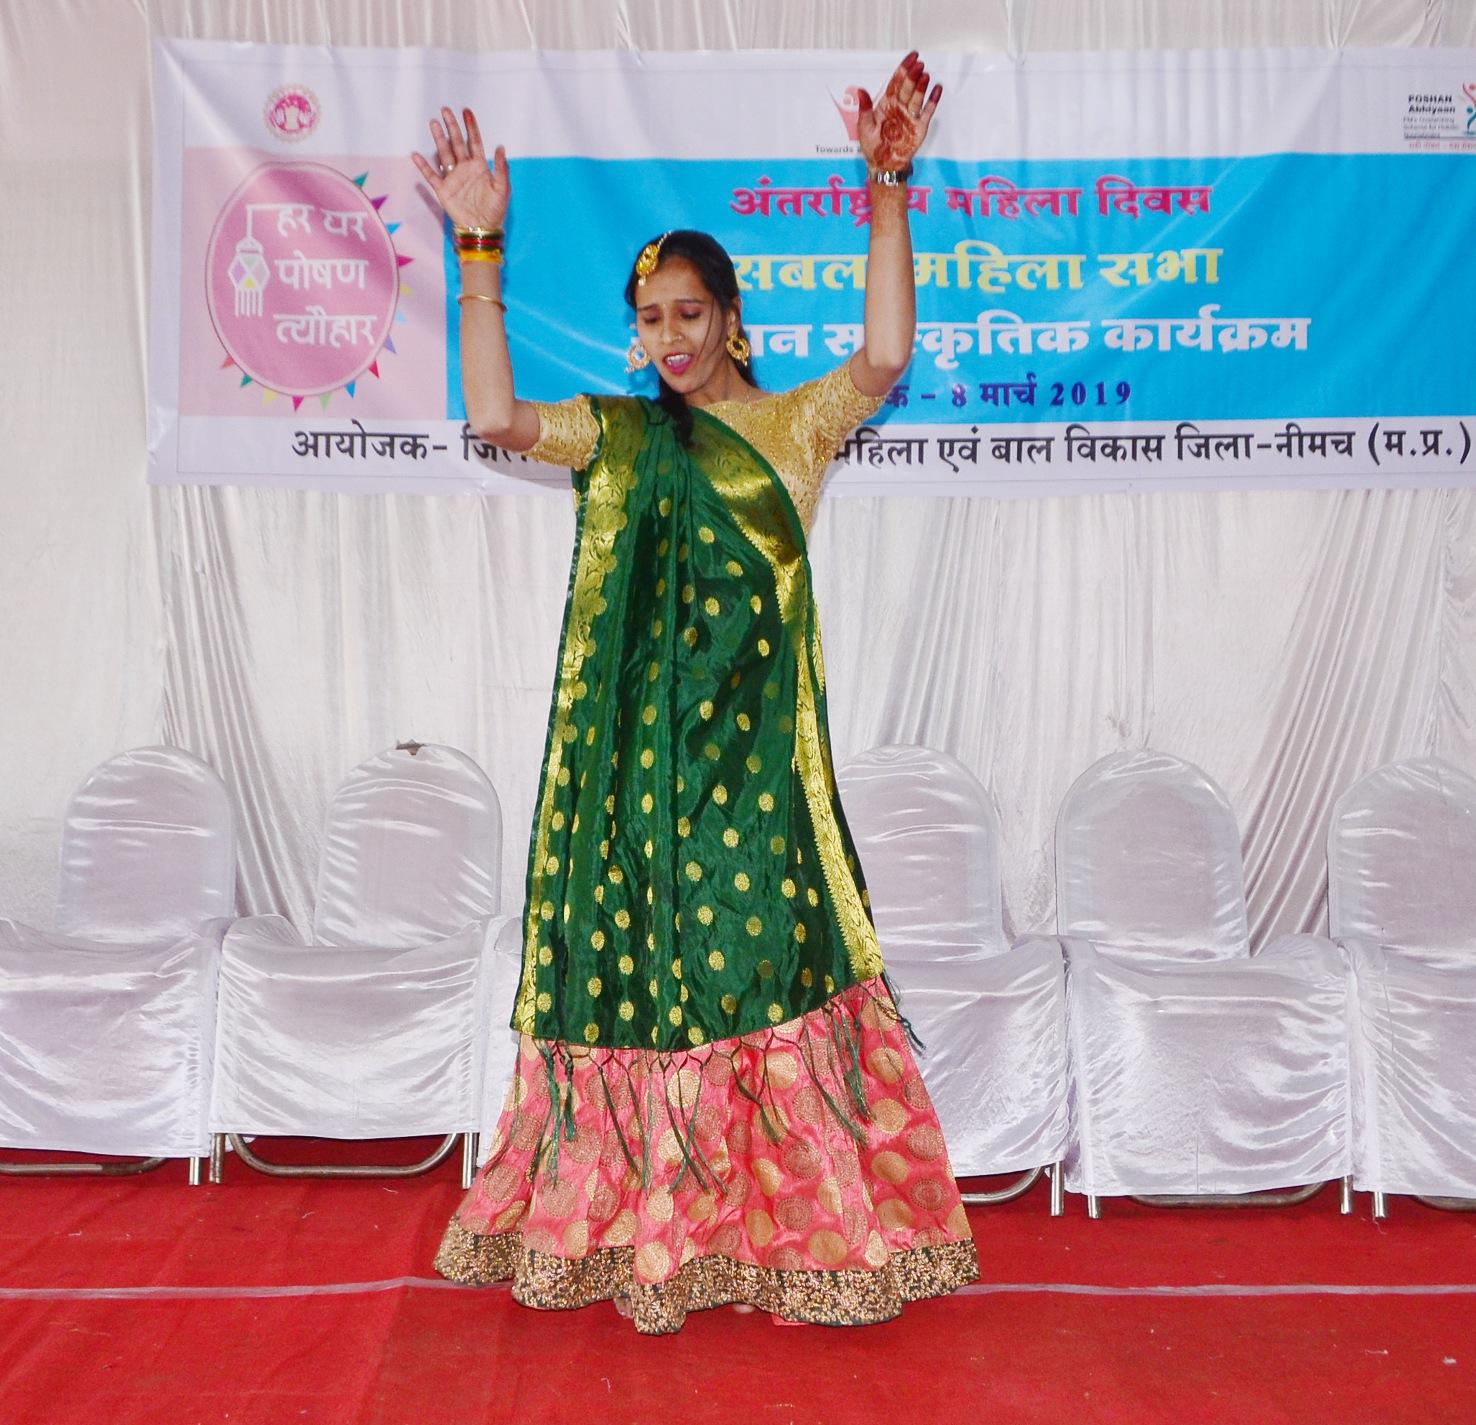 महिला दिवस पर महकी व्यंजनों की खुशबू, खेलकूद और सांस्कृतिक कार्यक्रमा का बंधा समा